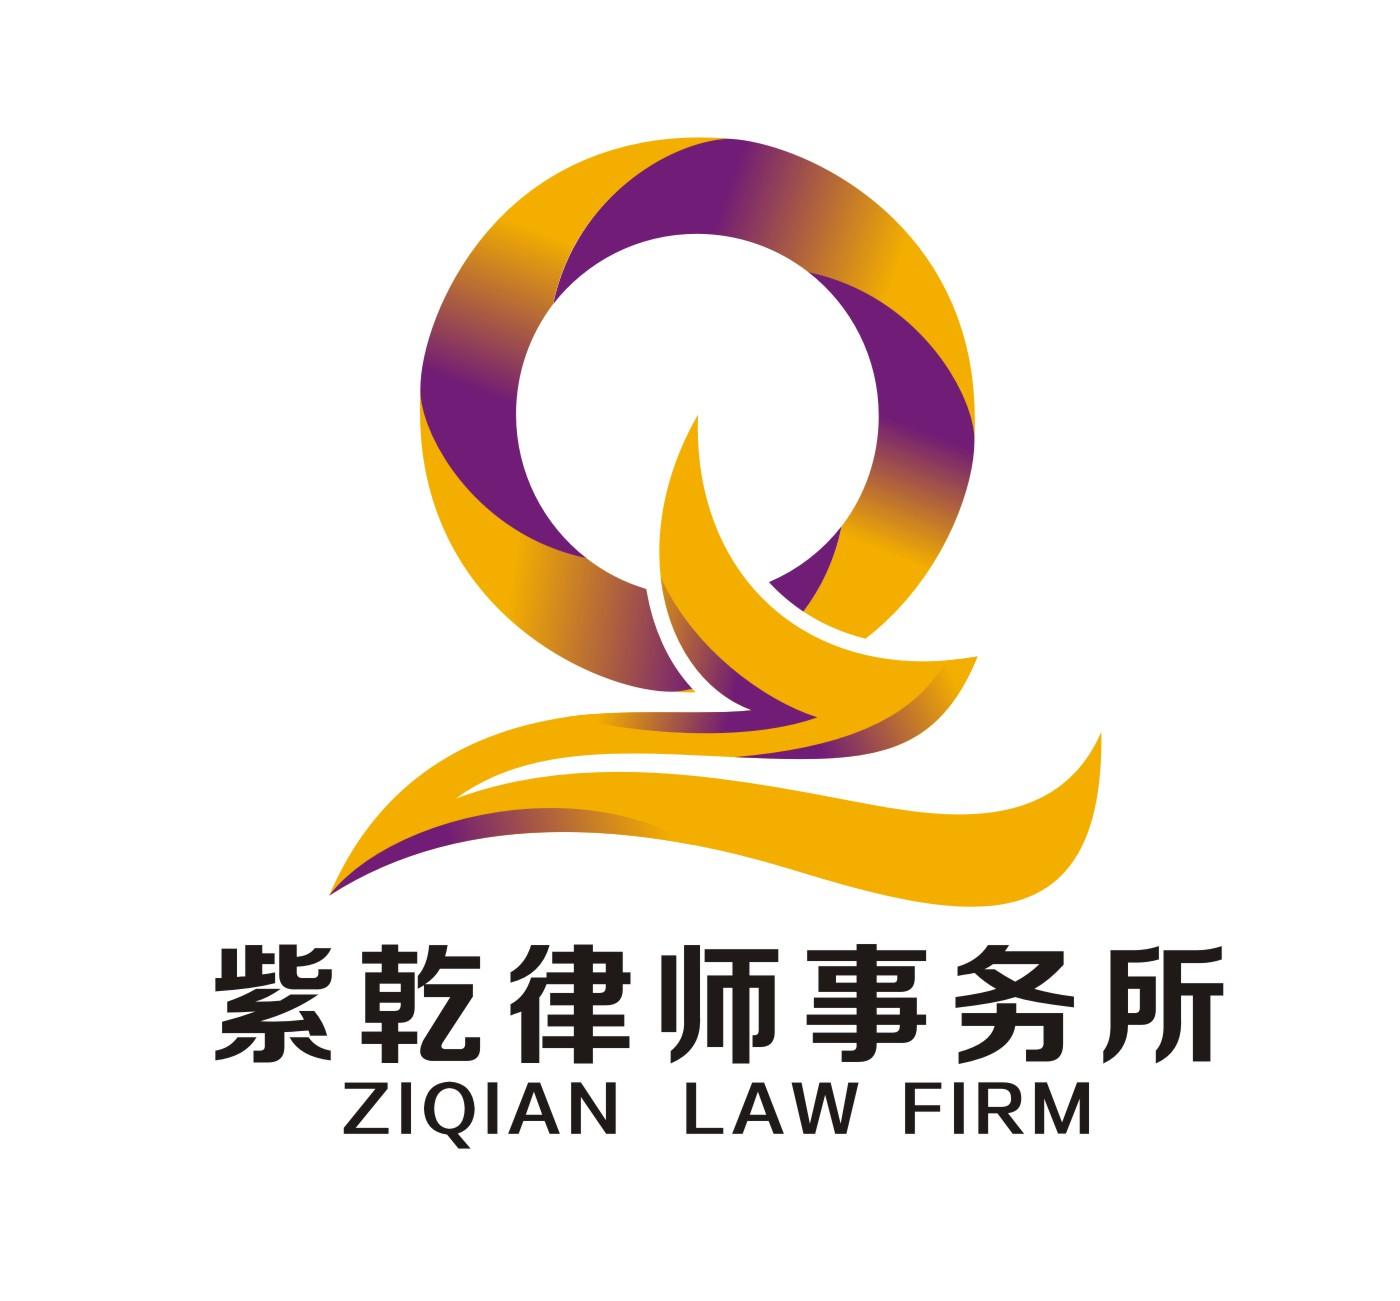 紫乾中小企业常年法律顾问